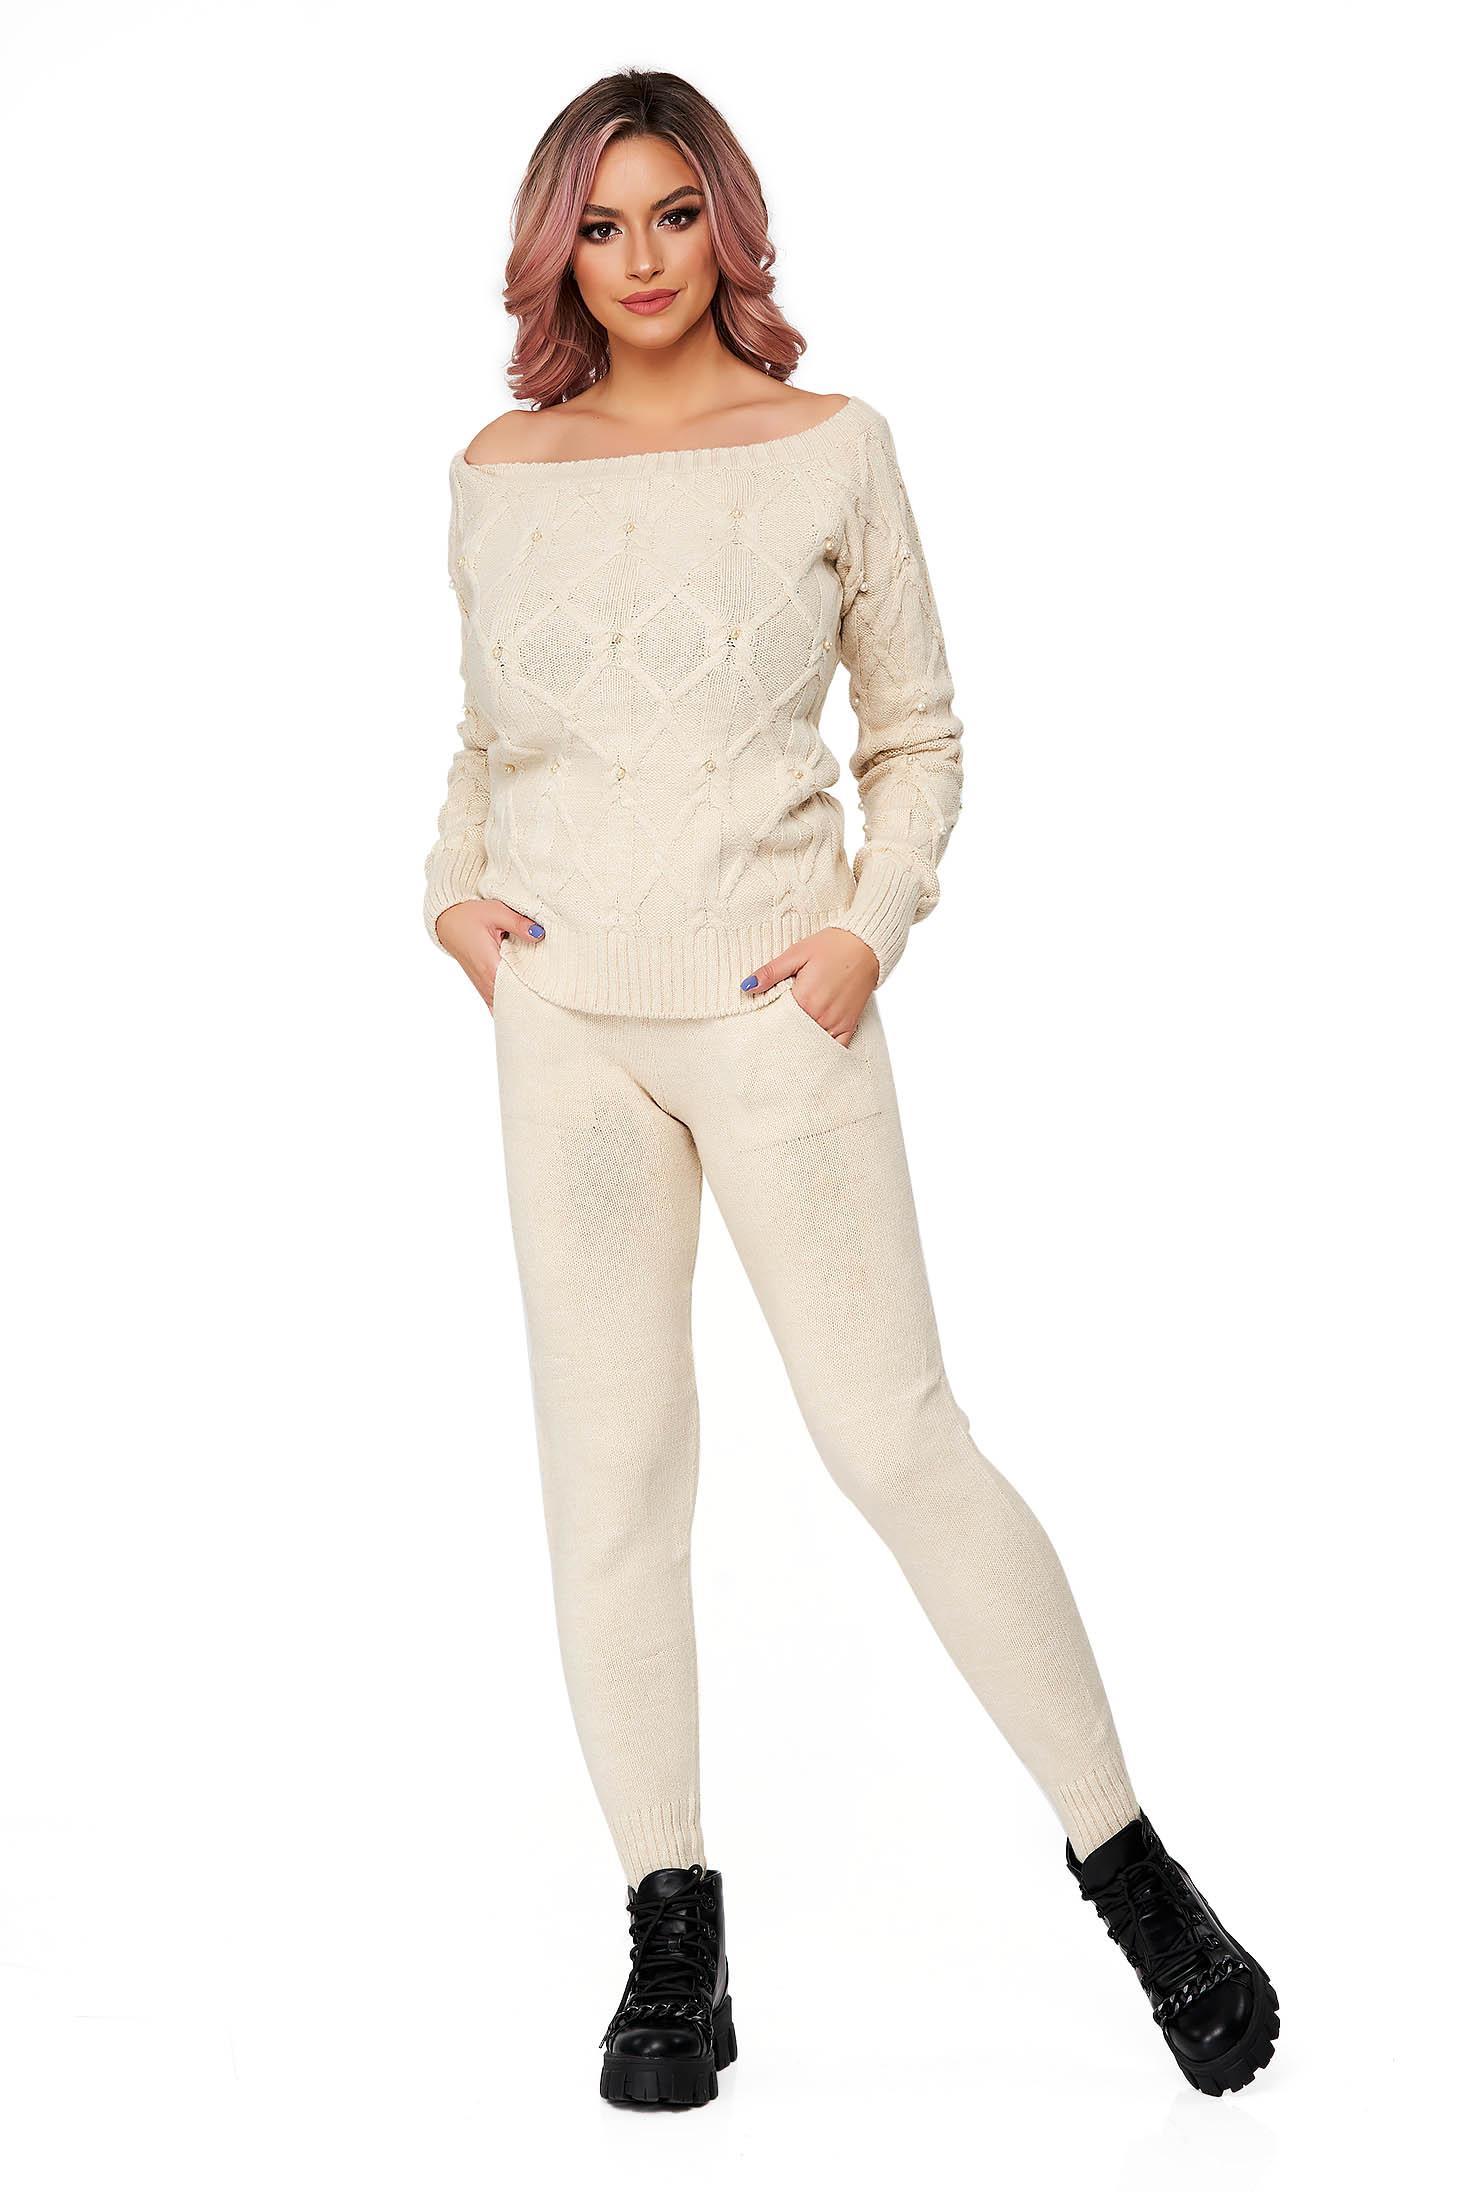 Trening dama SunShine crem din doua piese cu croi larg din material tricotat